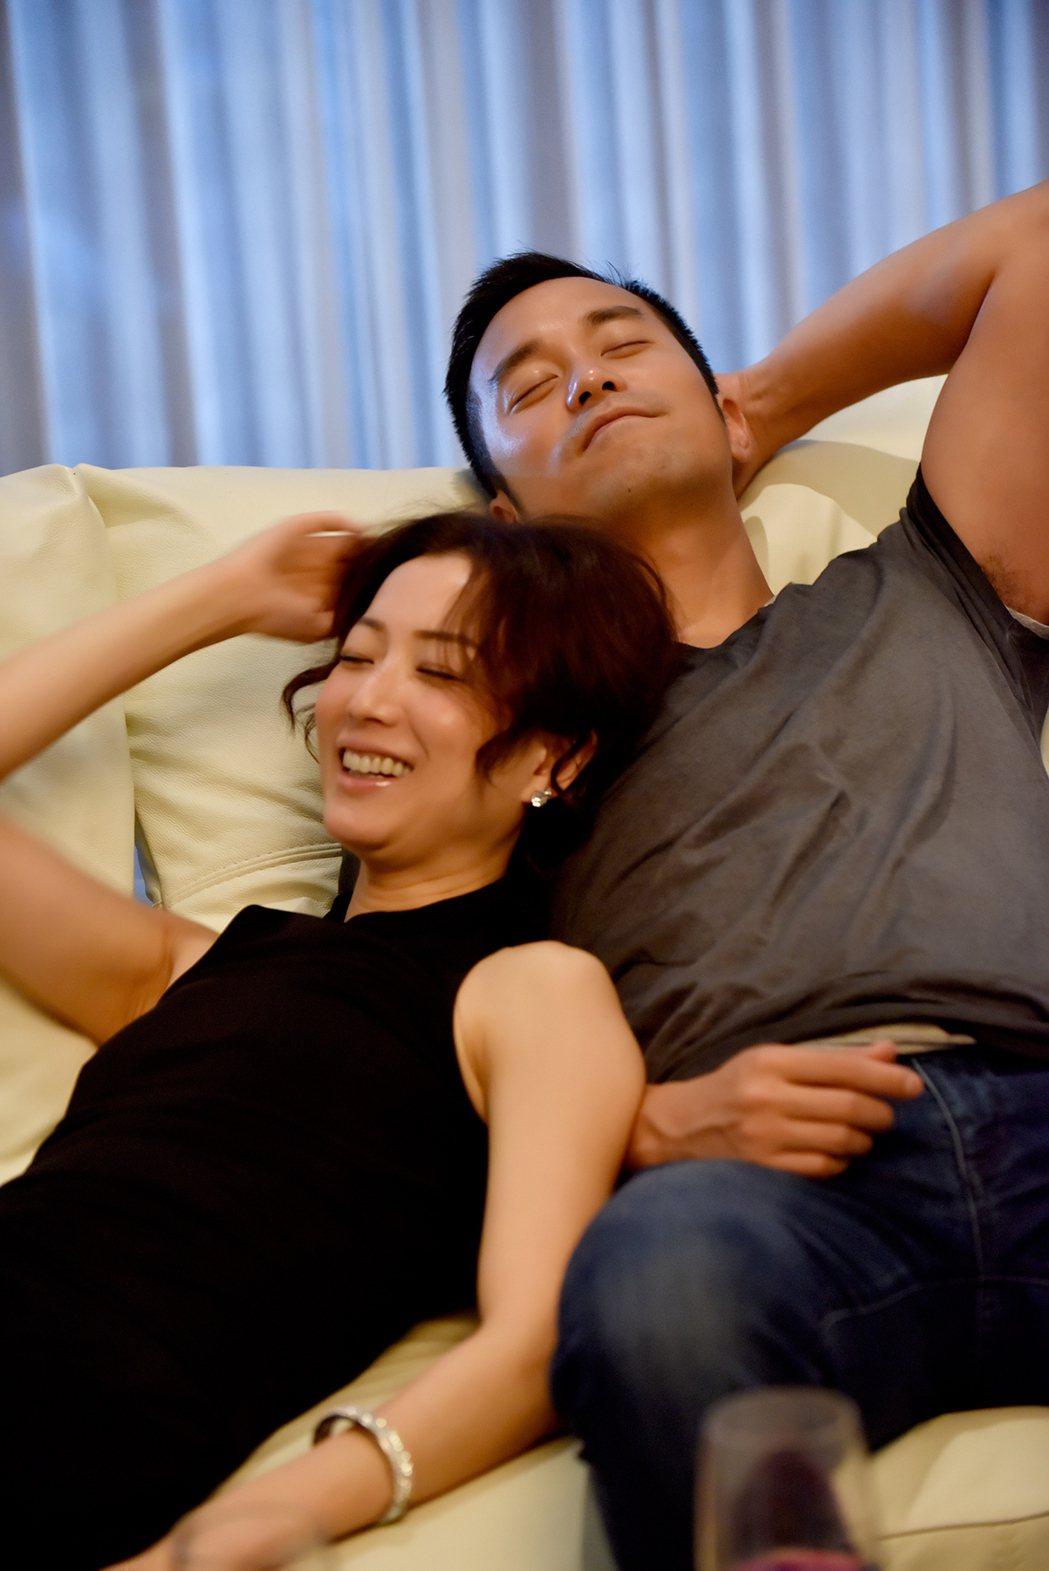 鄭秀文與張孝全在「合約男女」首度搭檔。圖/双喜提供